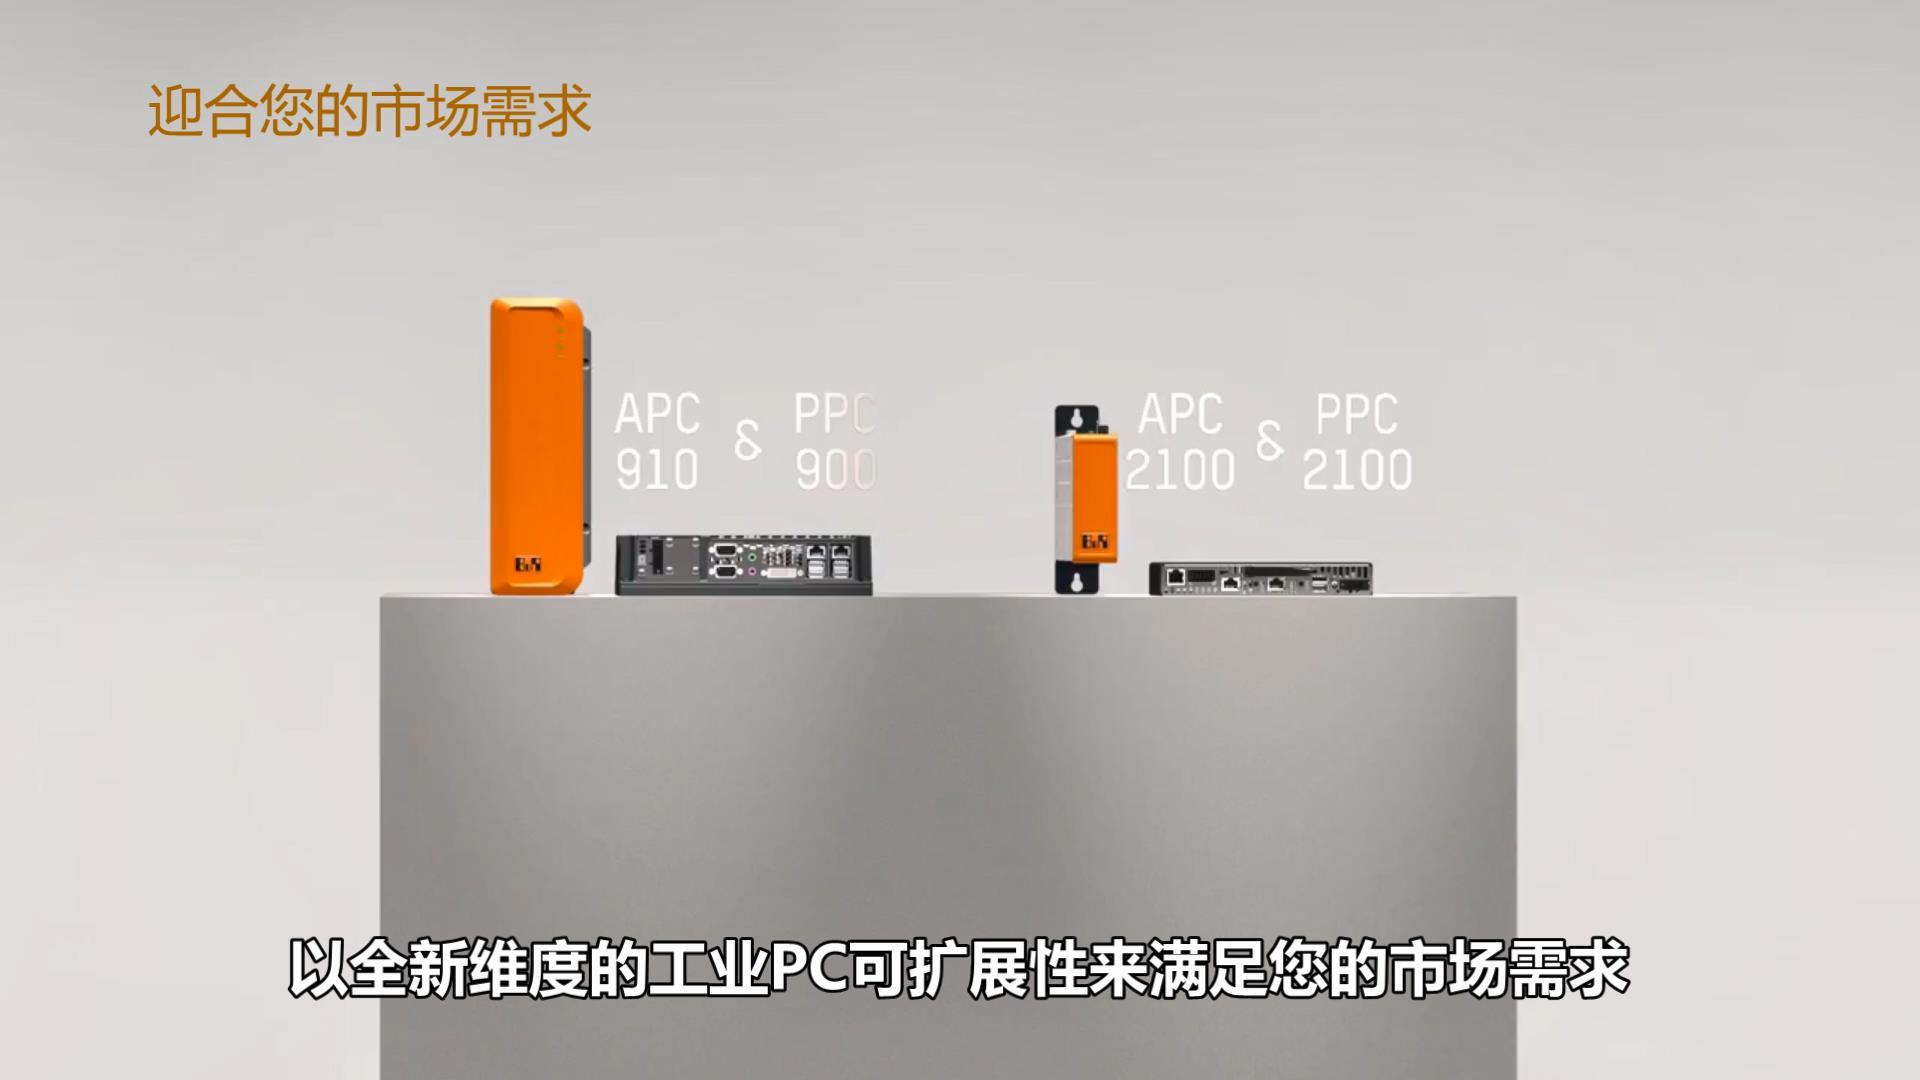 贝加莱3100系列工业PC